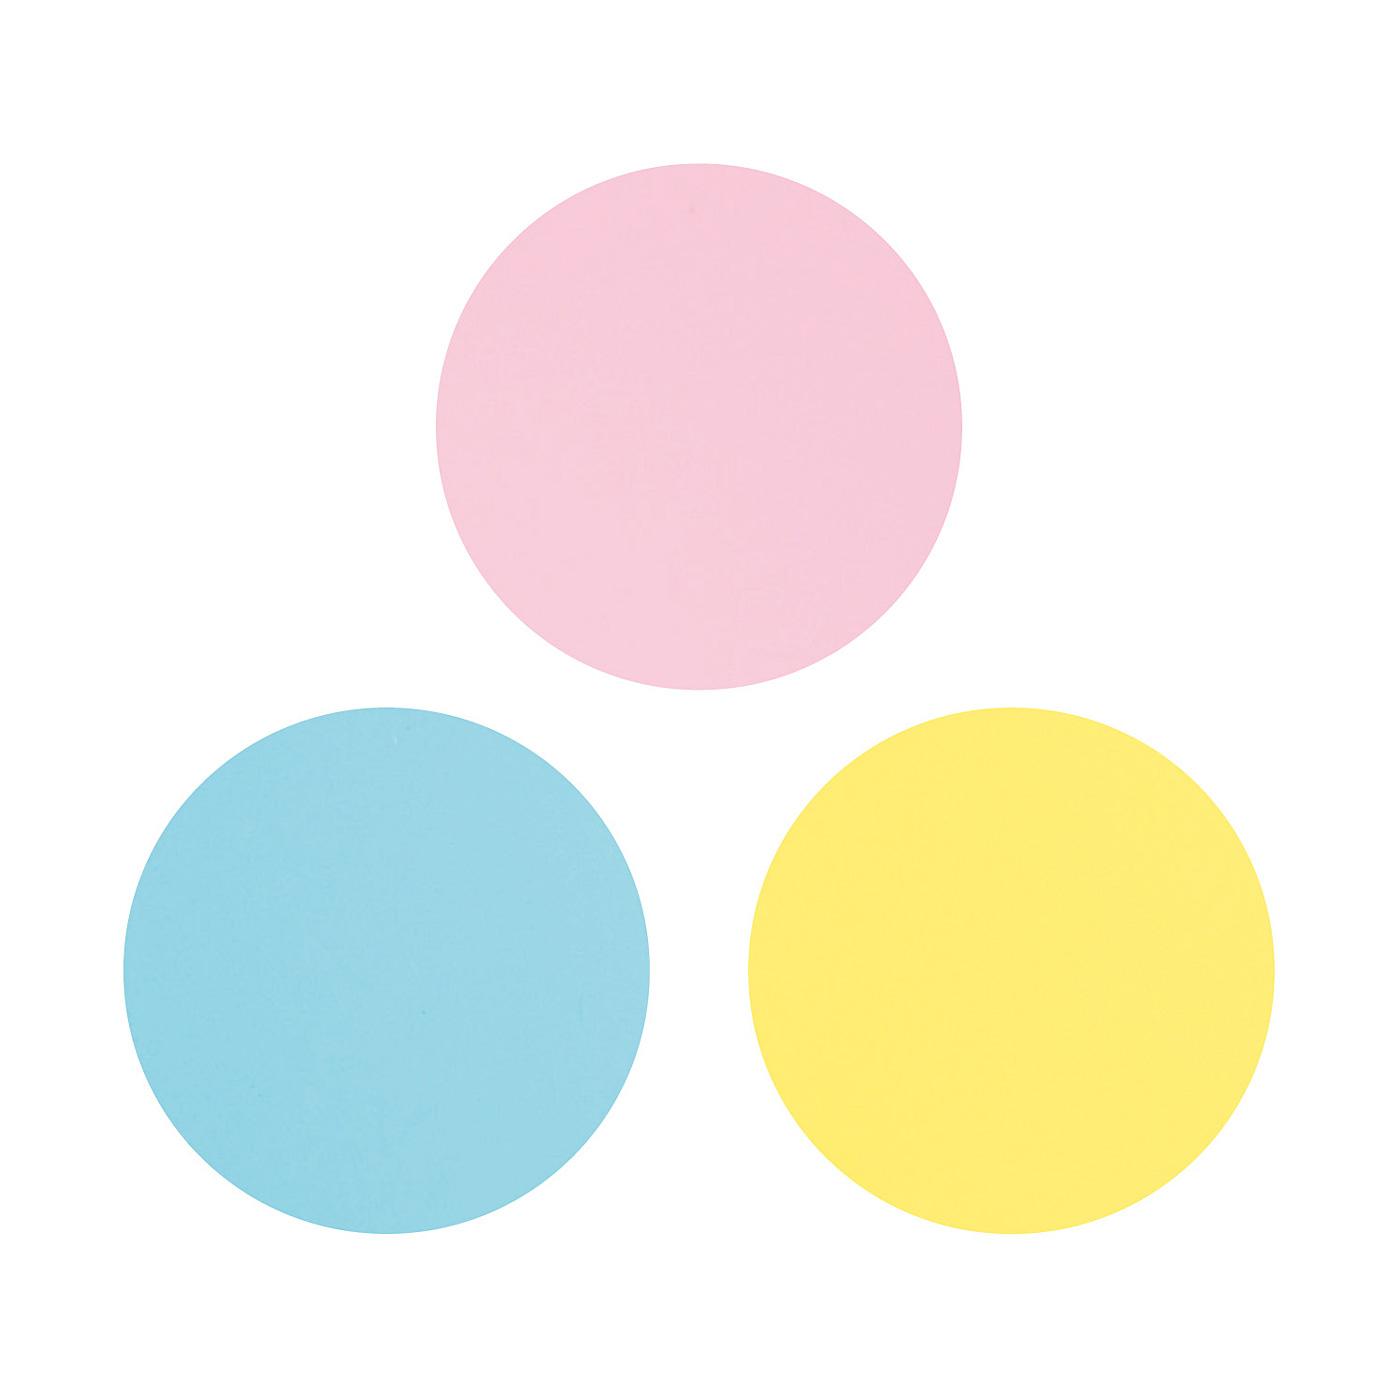 ケースは持ち手に合わせて3色の中からお届けします。